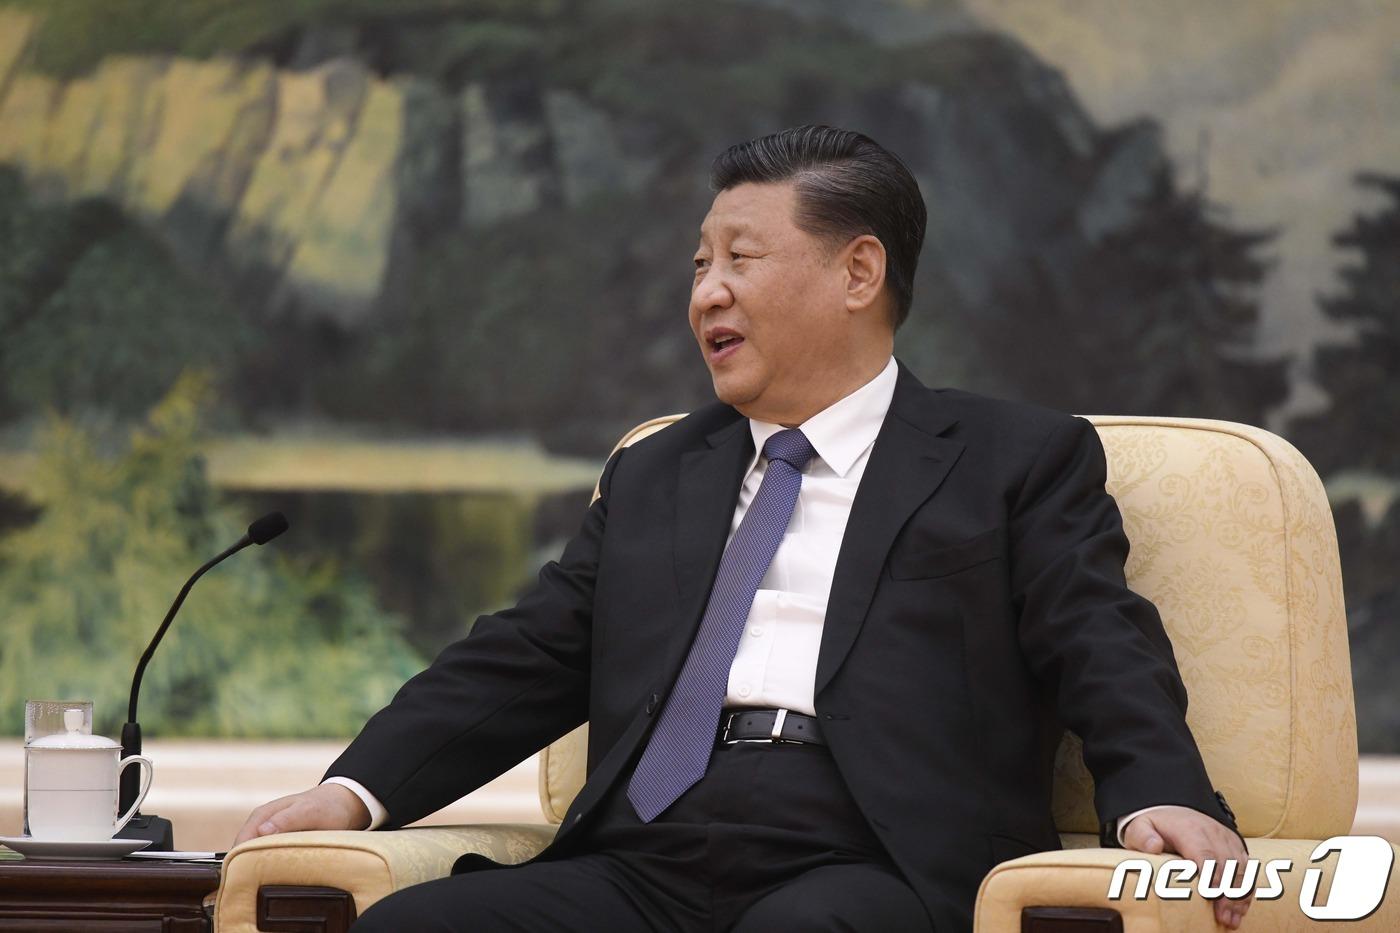 중국 언론들, 시진핑 코로나 영웅이라고 불러[사냥터 토토|트레이닝뱃 토토]